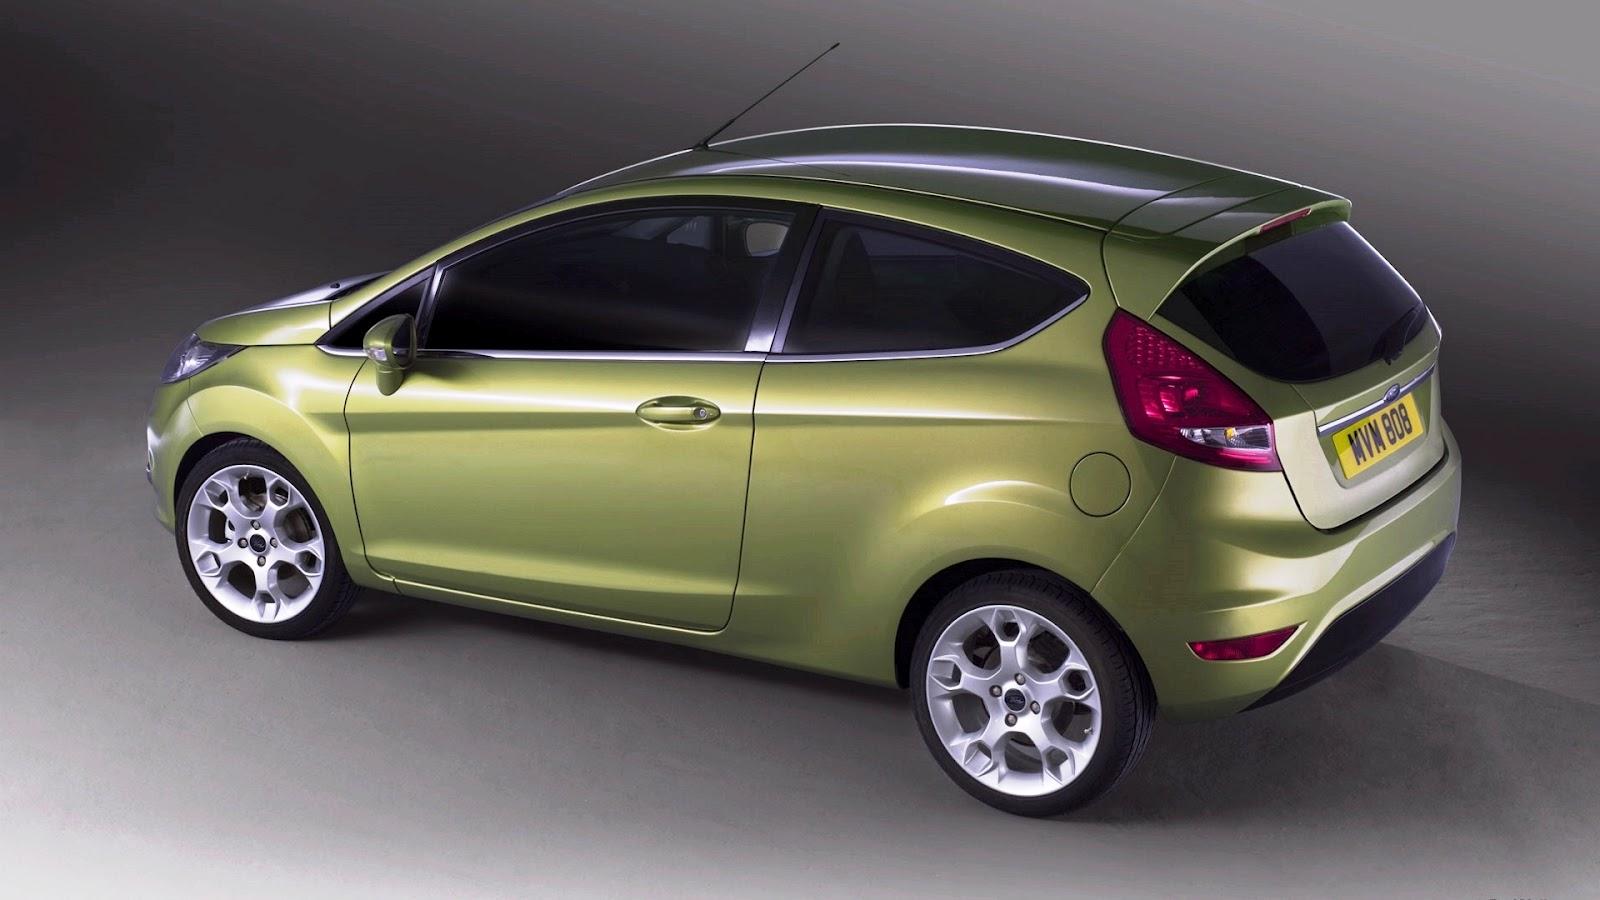 http://4.bp.blogspot.com/-eBtyTLn1ZMQ/T2uYA4AU90I/AAAAAAAABr0/eZUeA41amTw/s1600/car+wallpaper+%25281920+x+1080+%2529+%2528143%2529.jpg